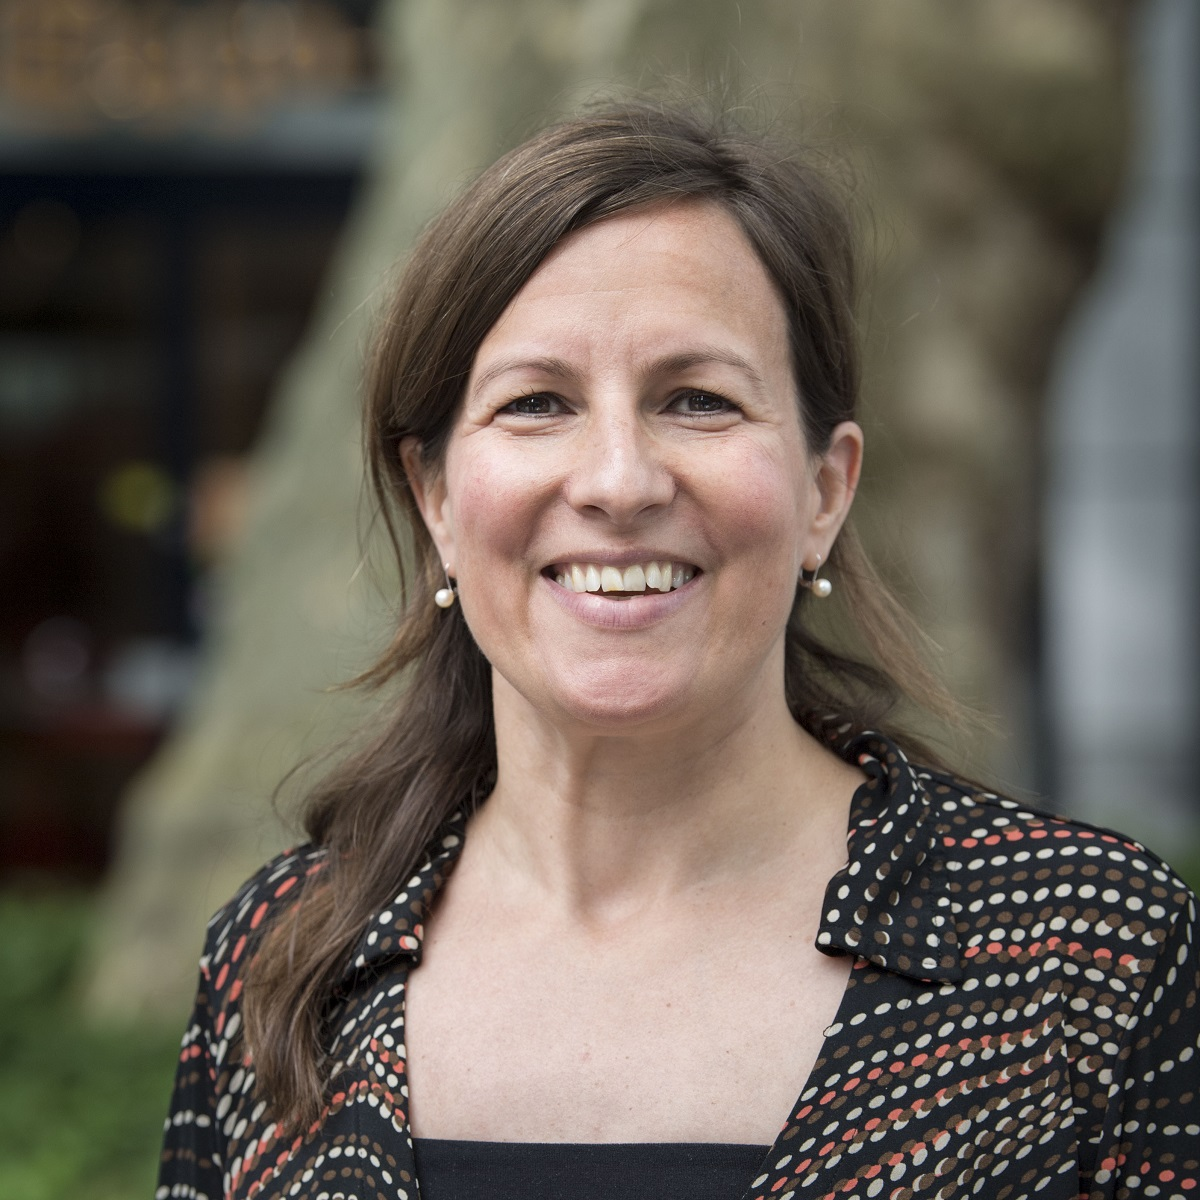 Portretfoto van Heleen Mookhoek, Accountmanager van UDSRotterdam